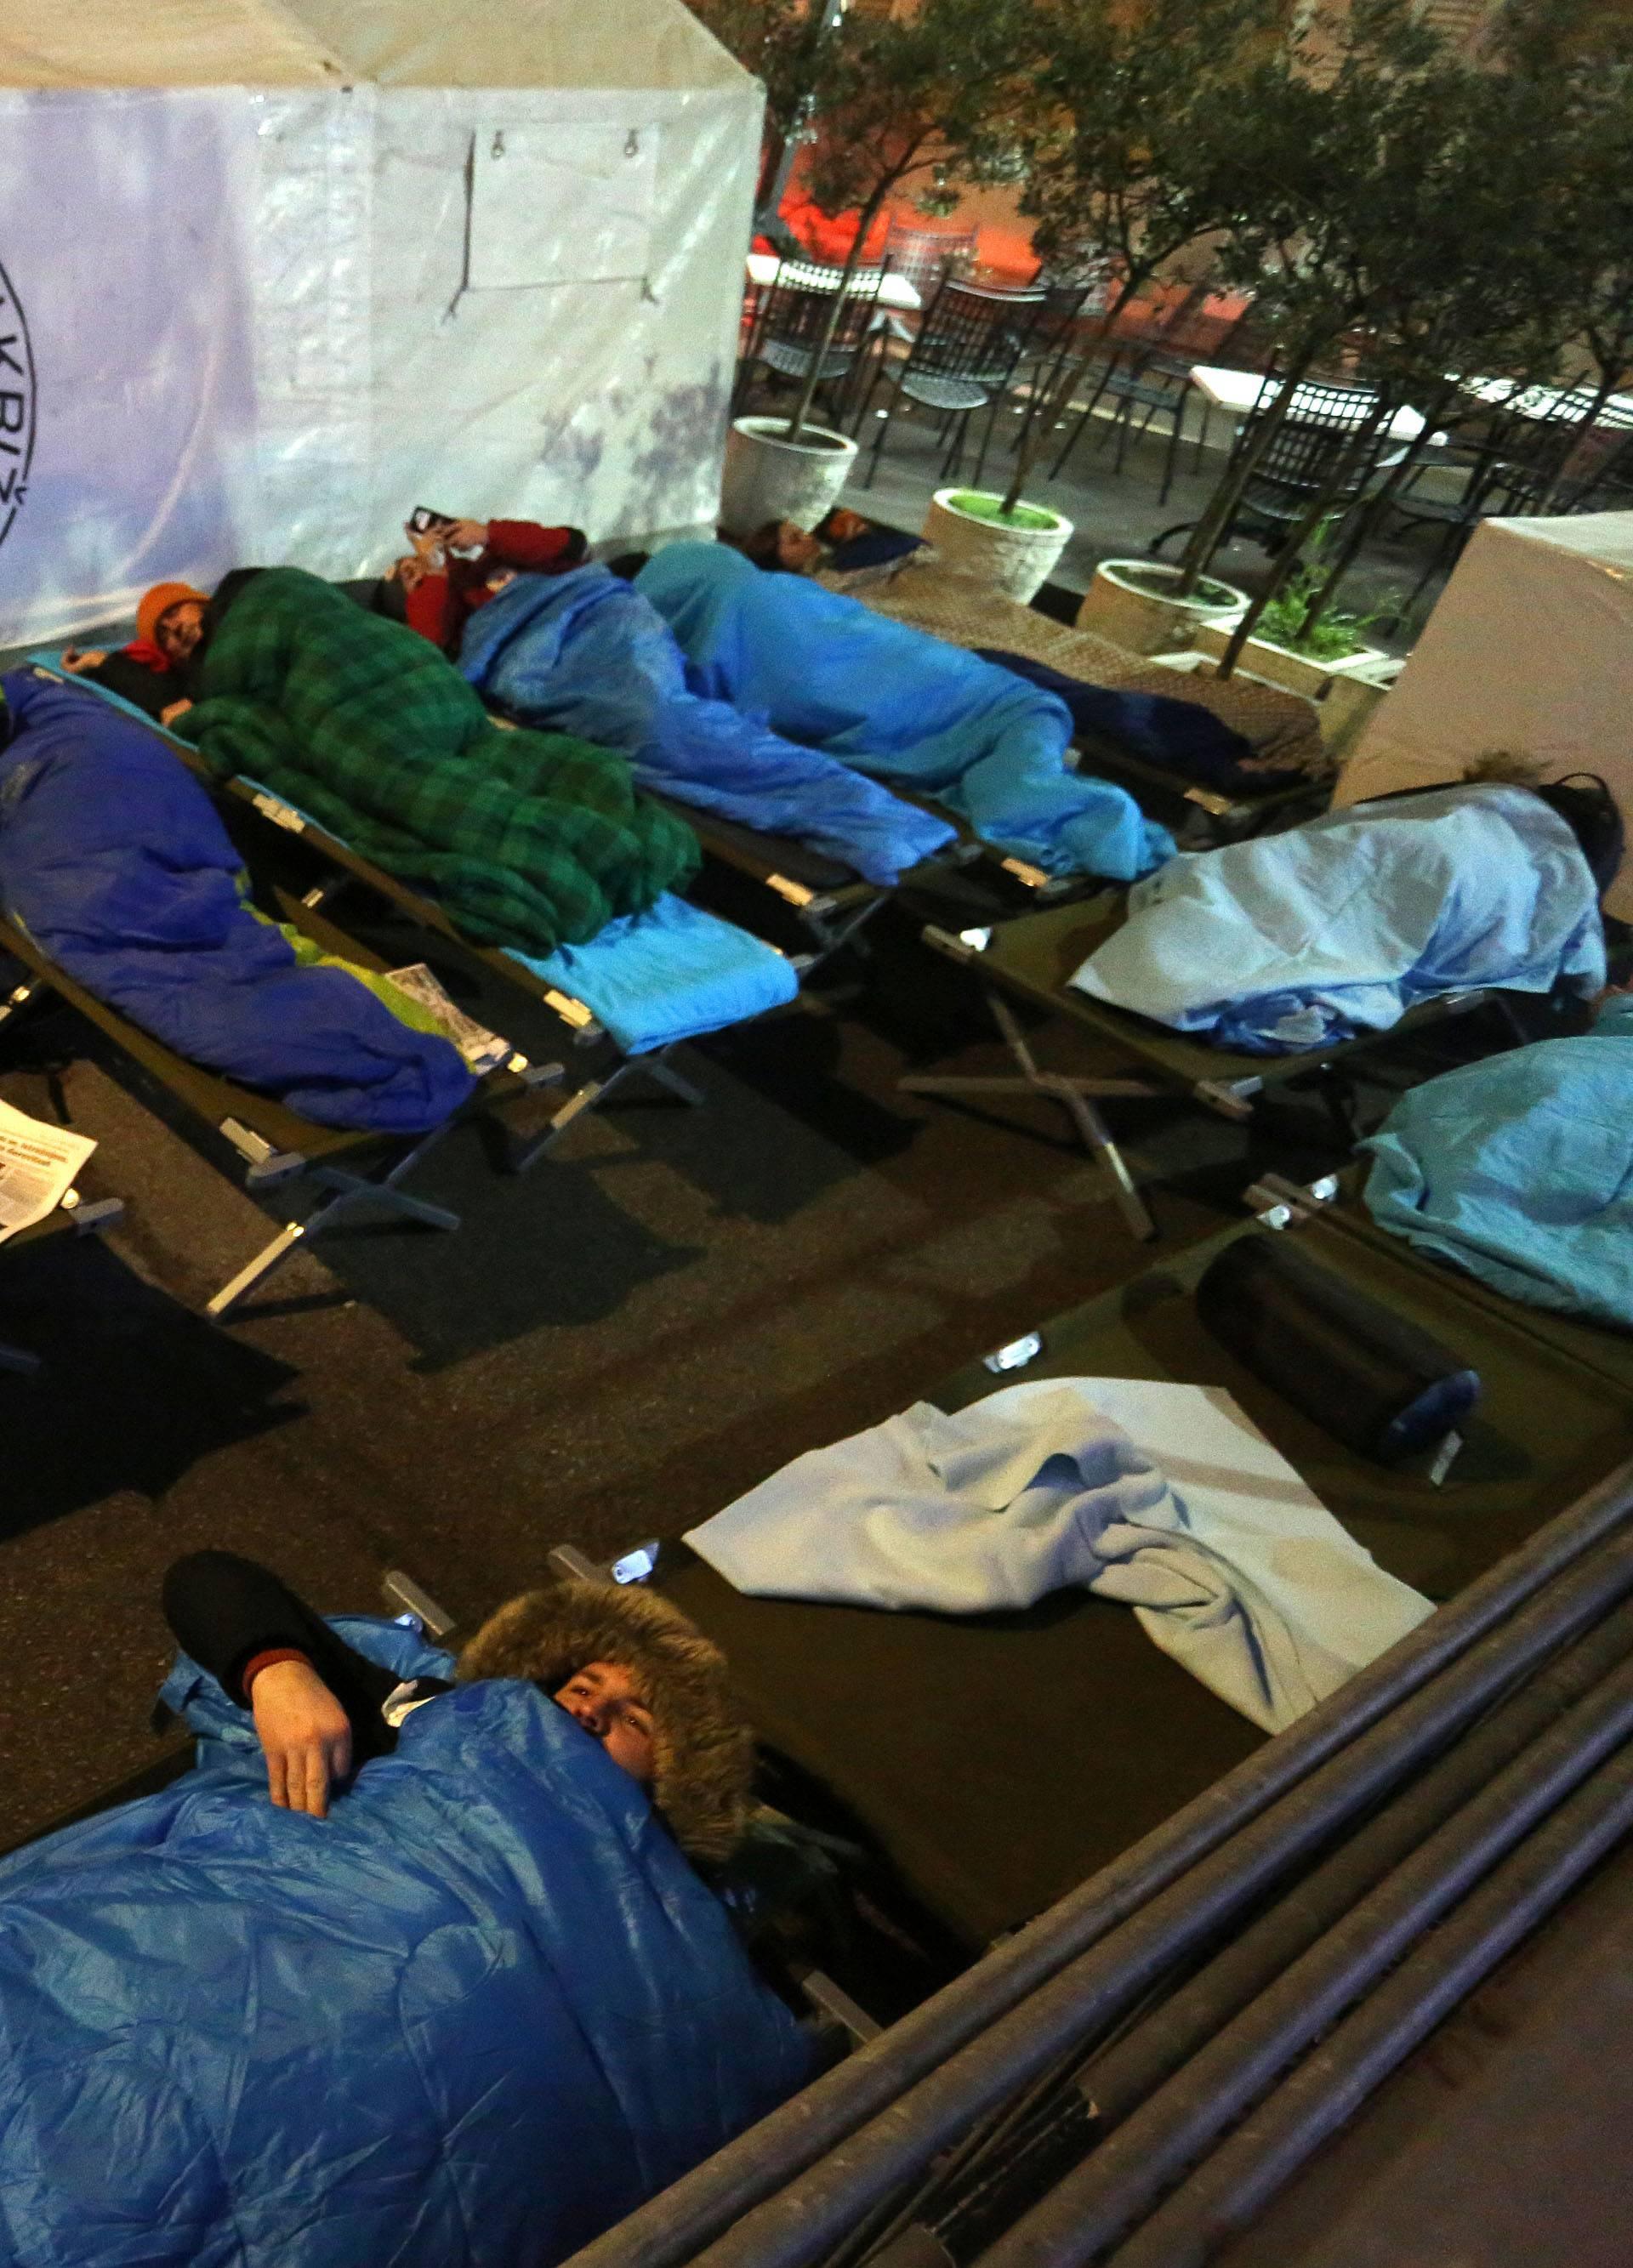 Spavali na otvorenom: 'Nužno je pomagati beskućnicima...'